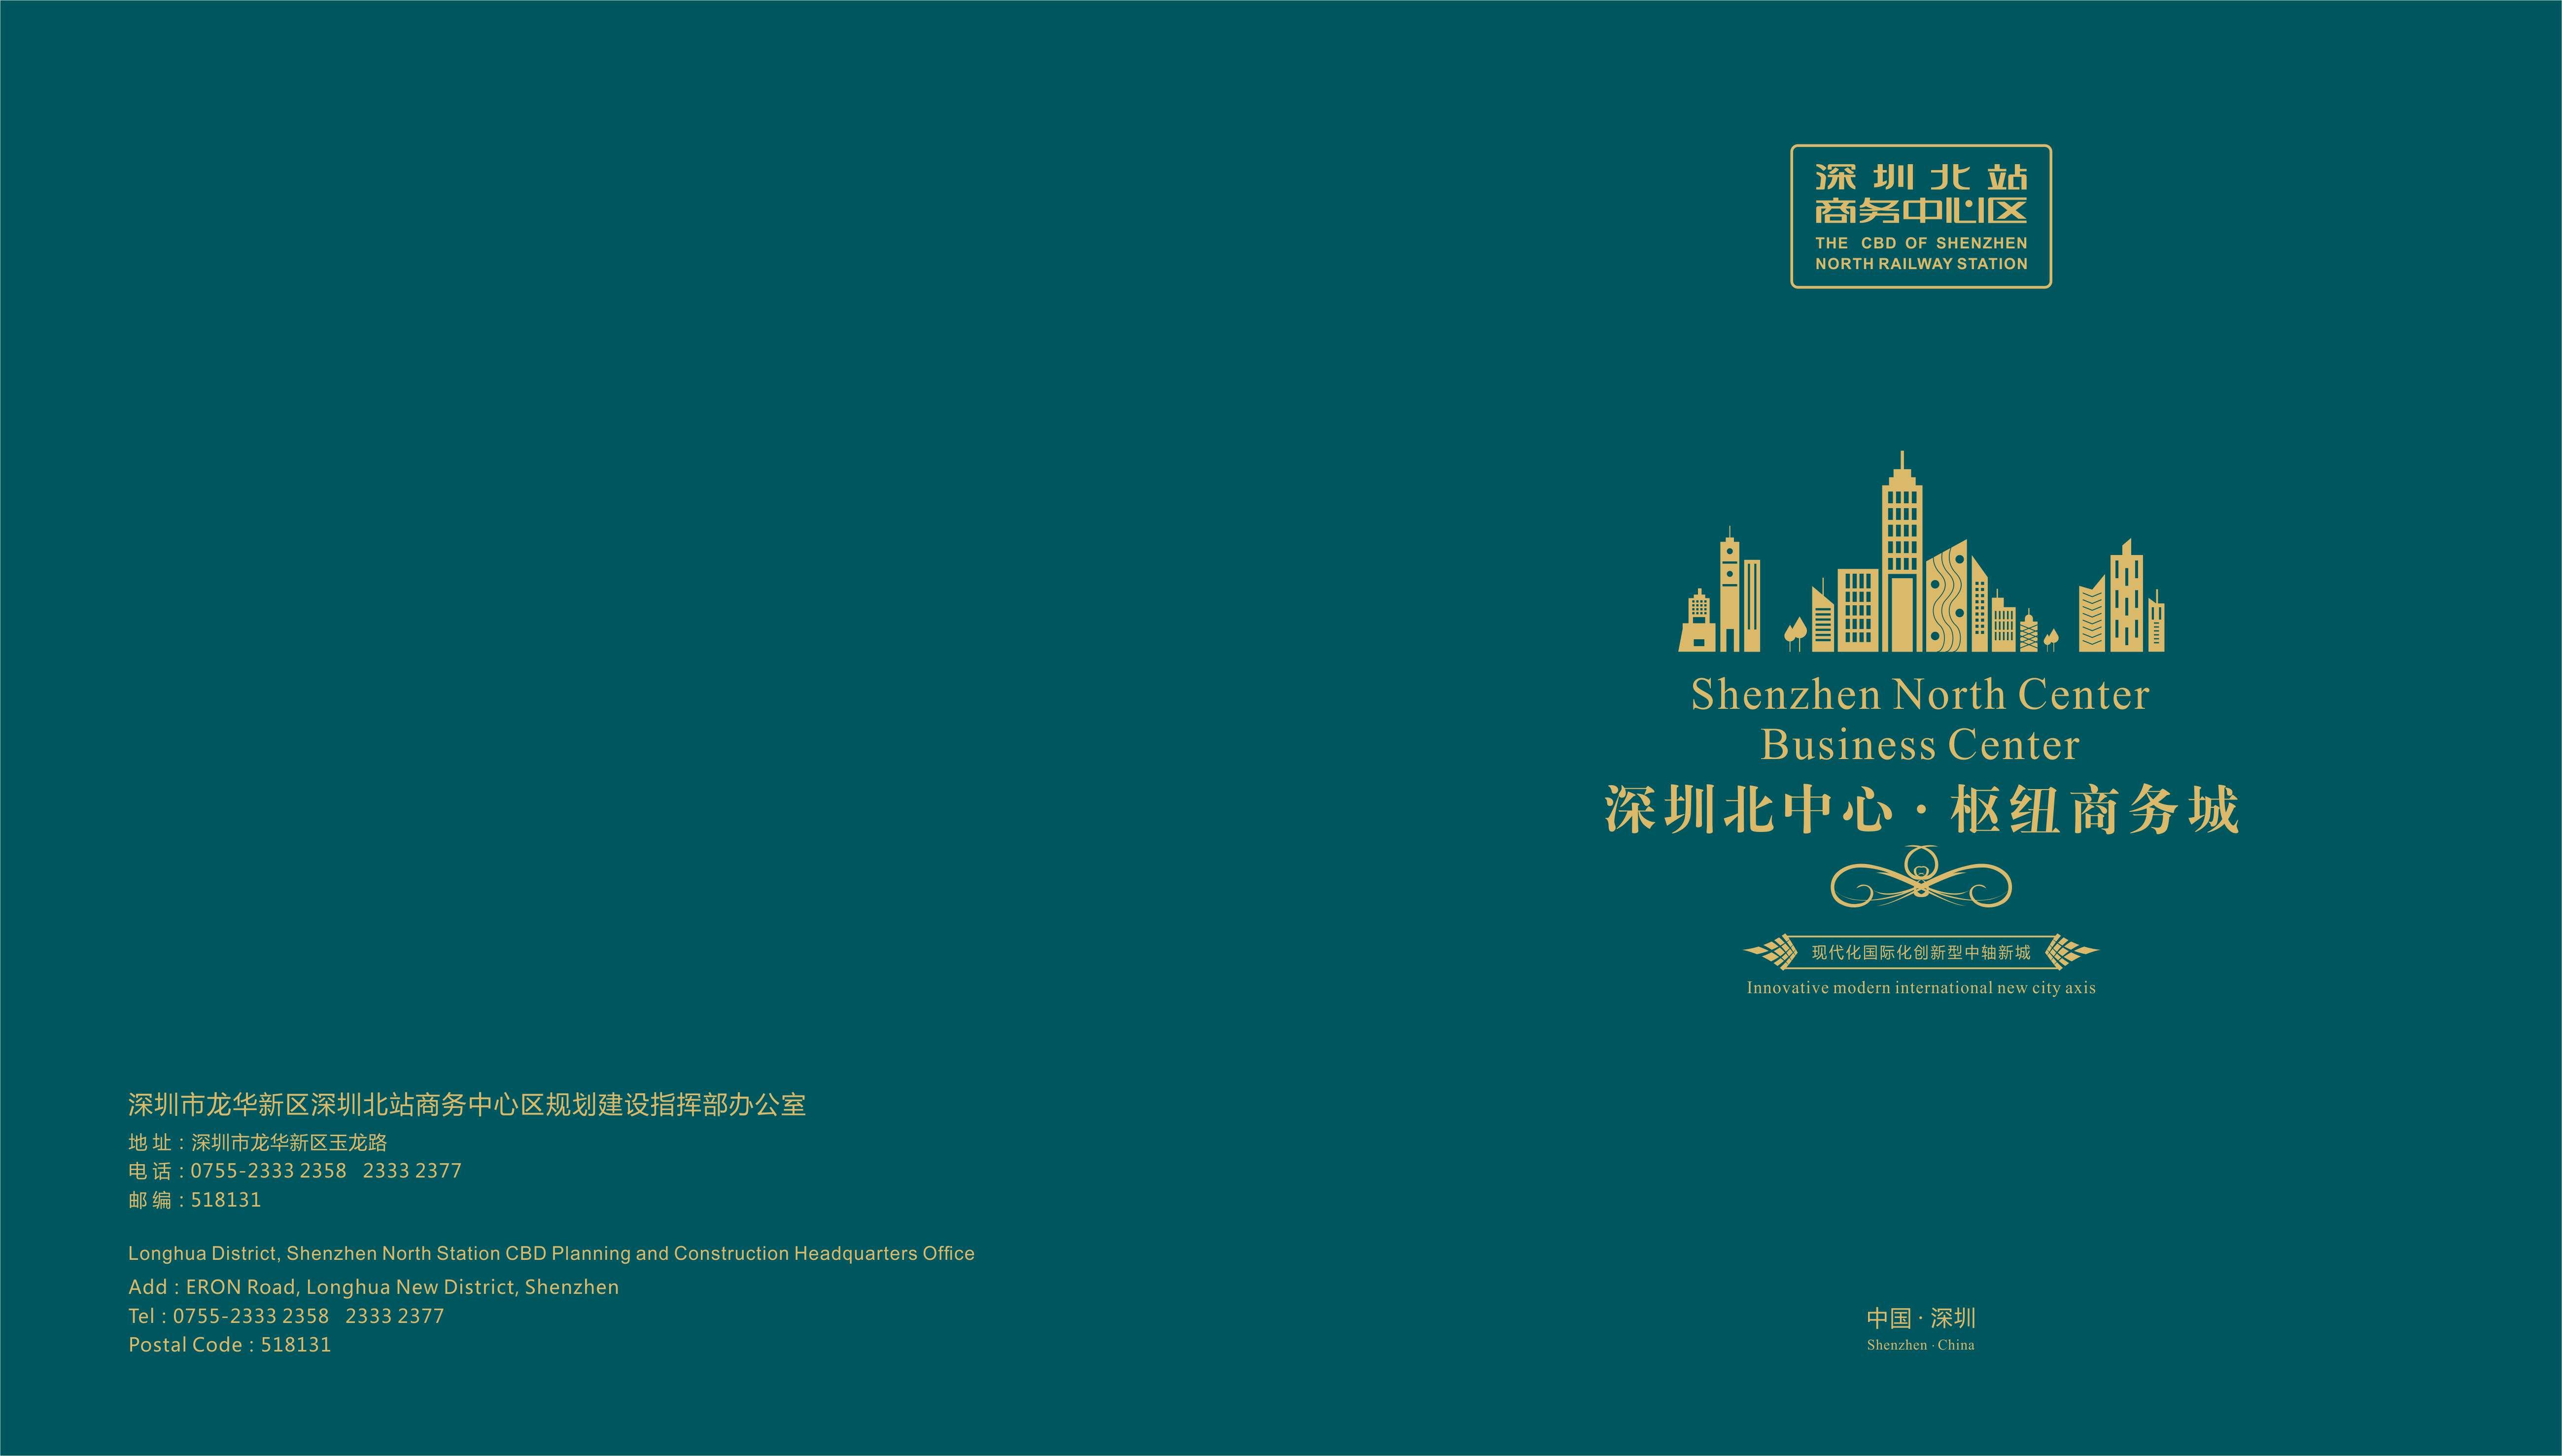 国企事业单位品牌宣传册设计